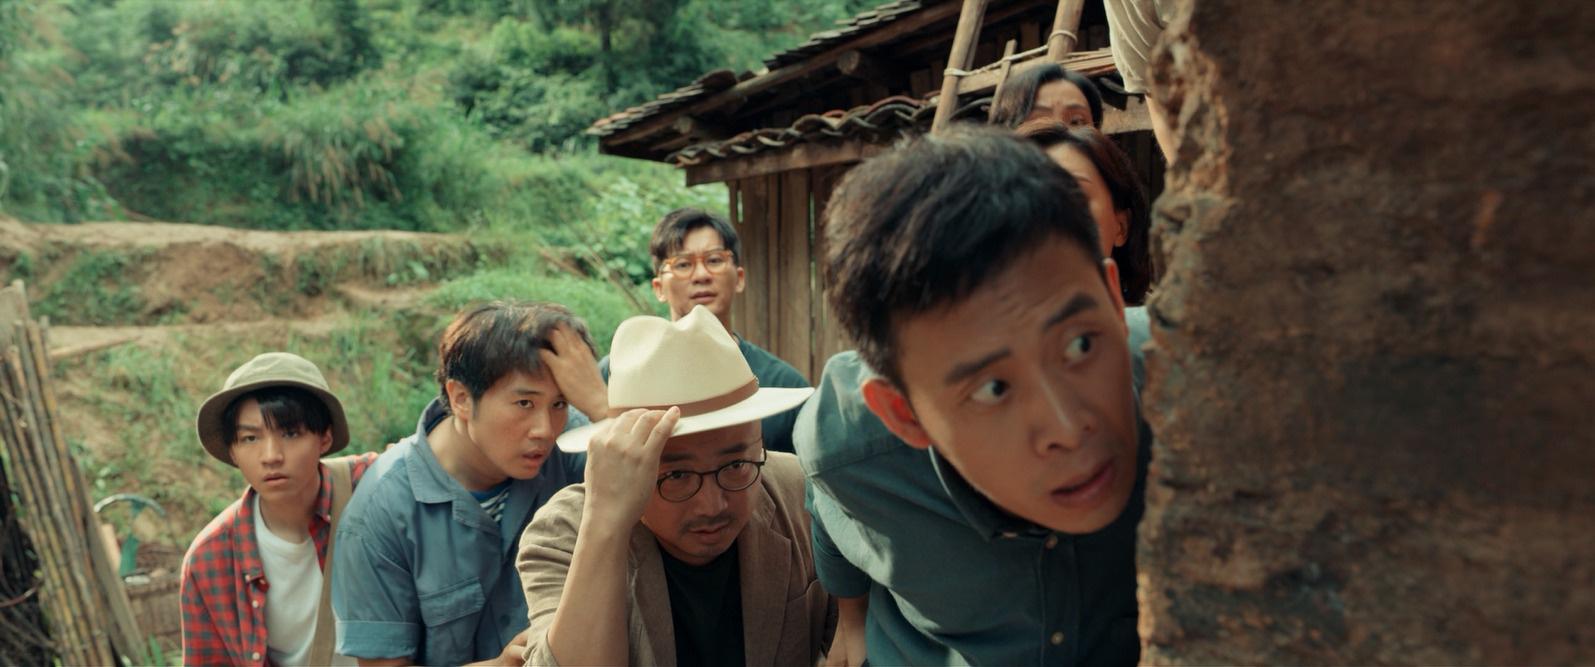 《我和我的家乡》致敬乡村教师 徐峥王俊凯首合作